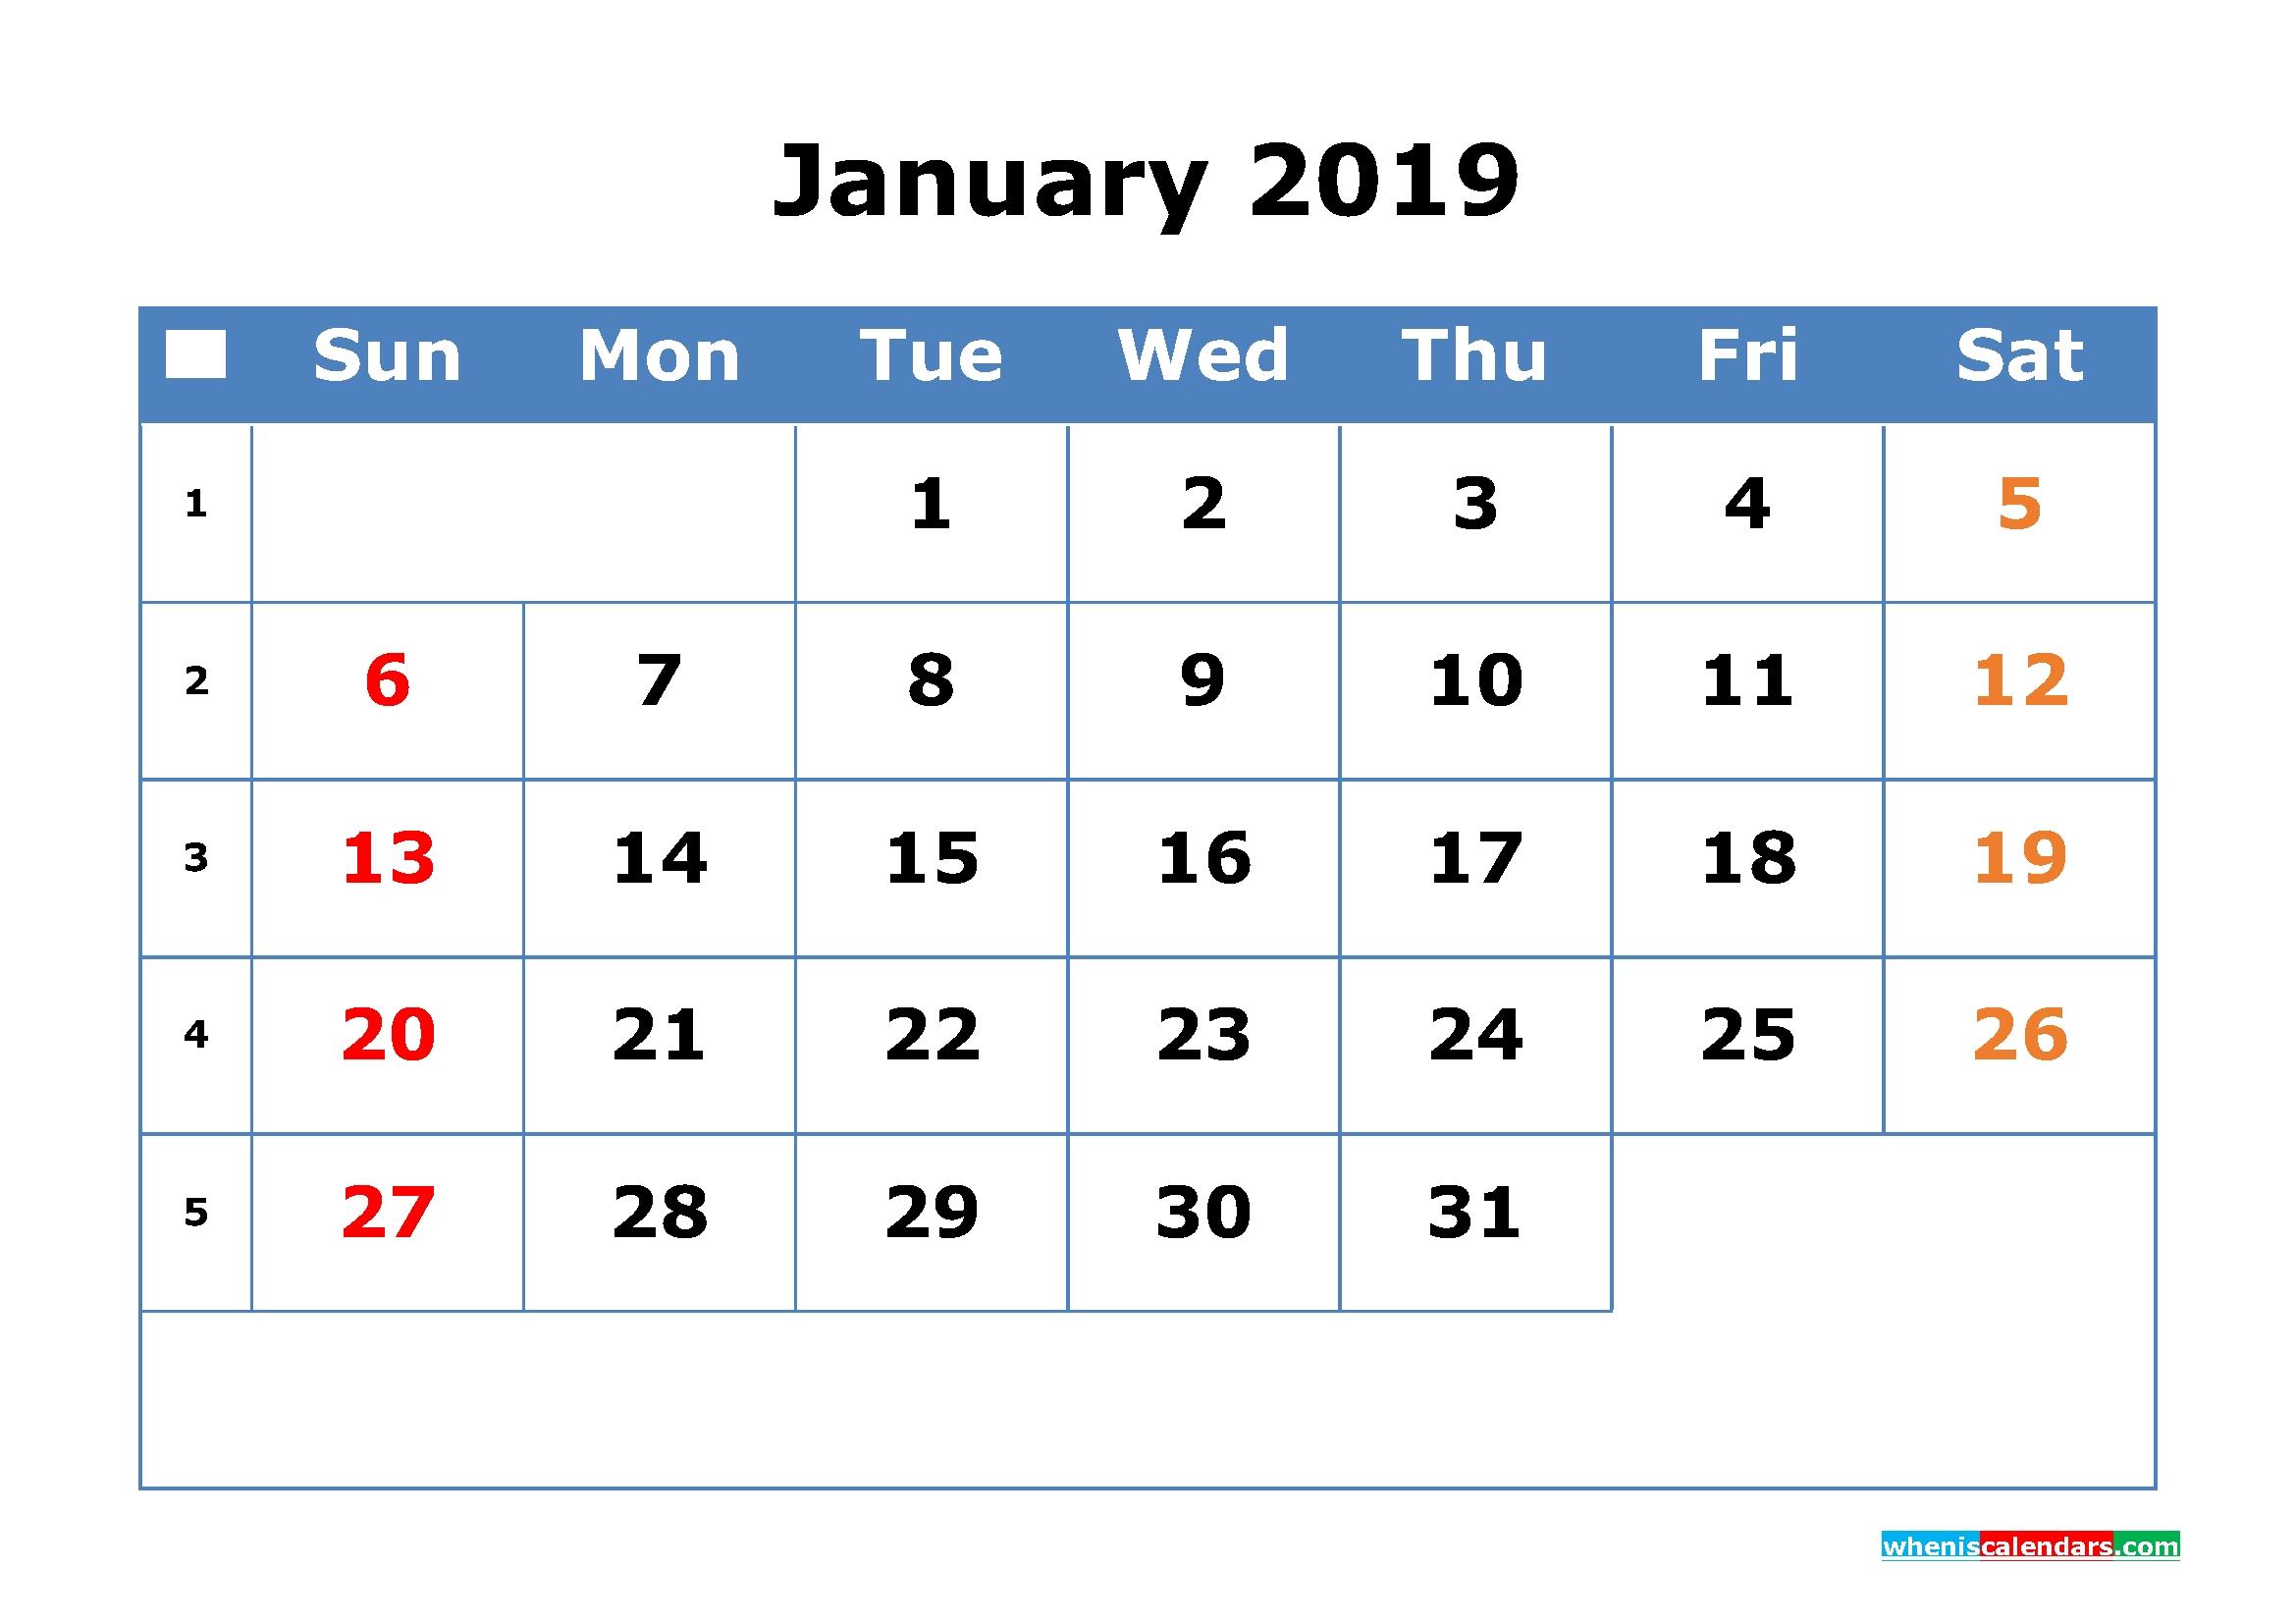 2019 Calendar With Week Numbers Printable As Pdf, Image